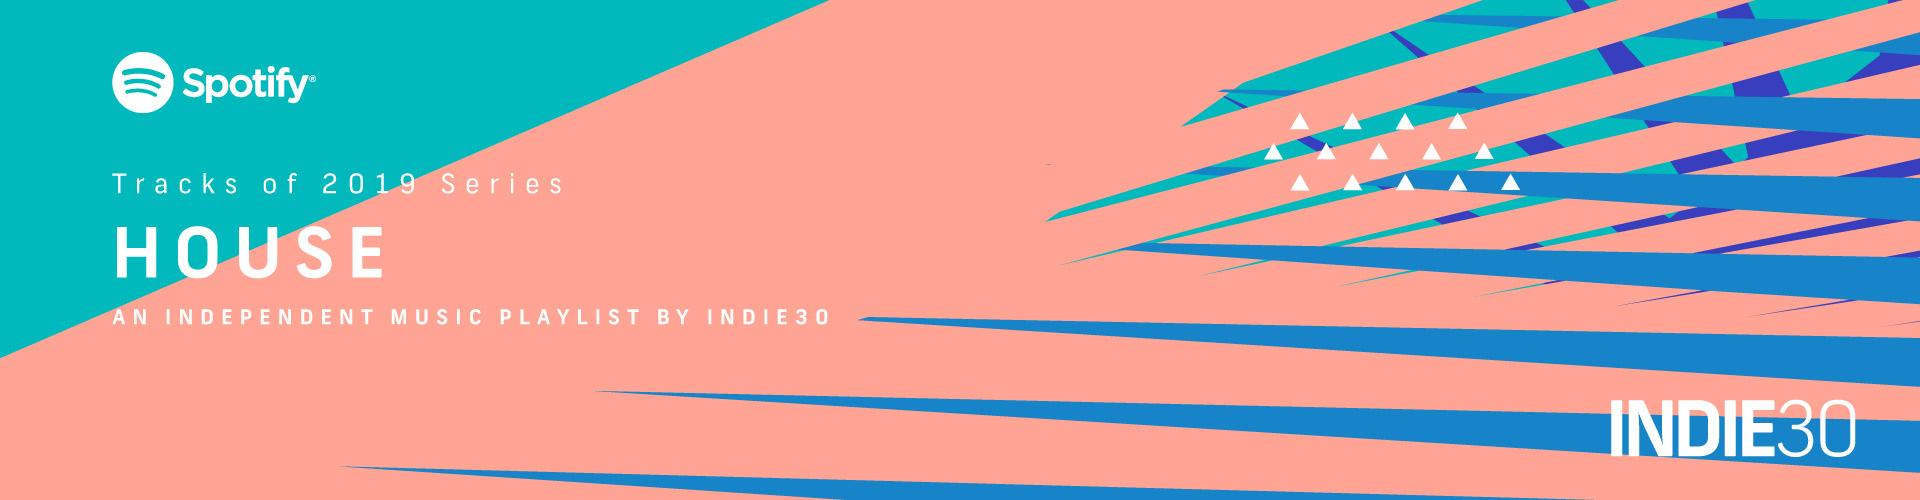 I30-house-banner-1920x500